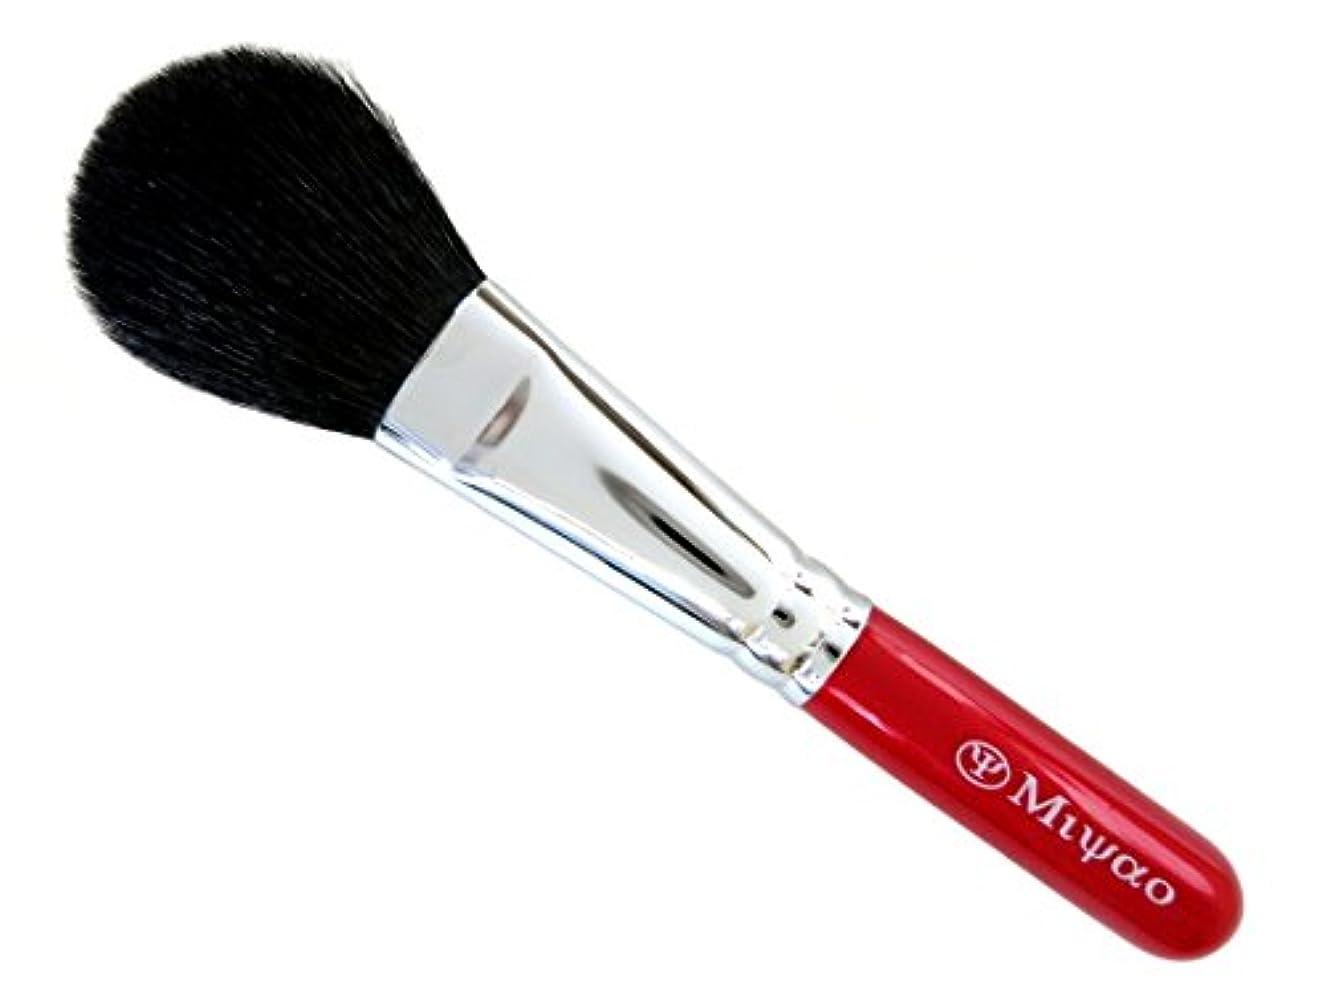 開発親密な地震メイクブラシ MRシリーズ-9-1 チークブラシ 高級山羊毛 熊野筆 宮尾産業化粧筆